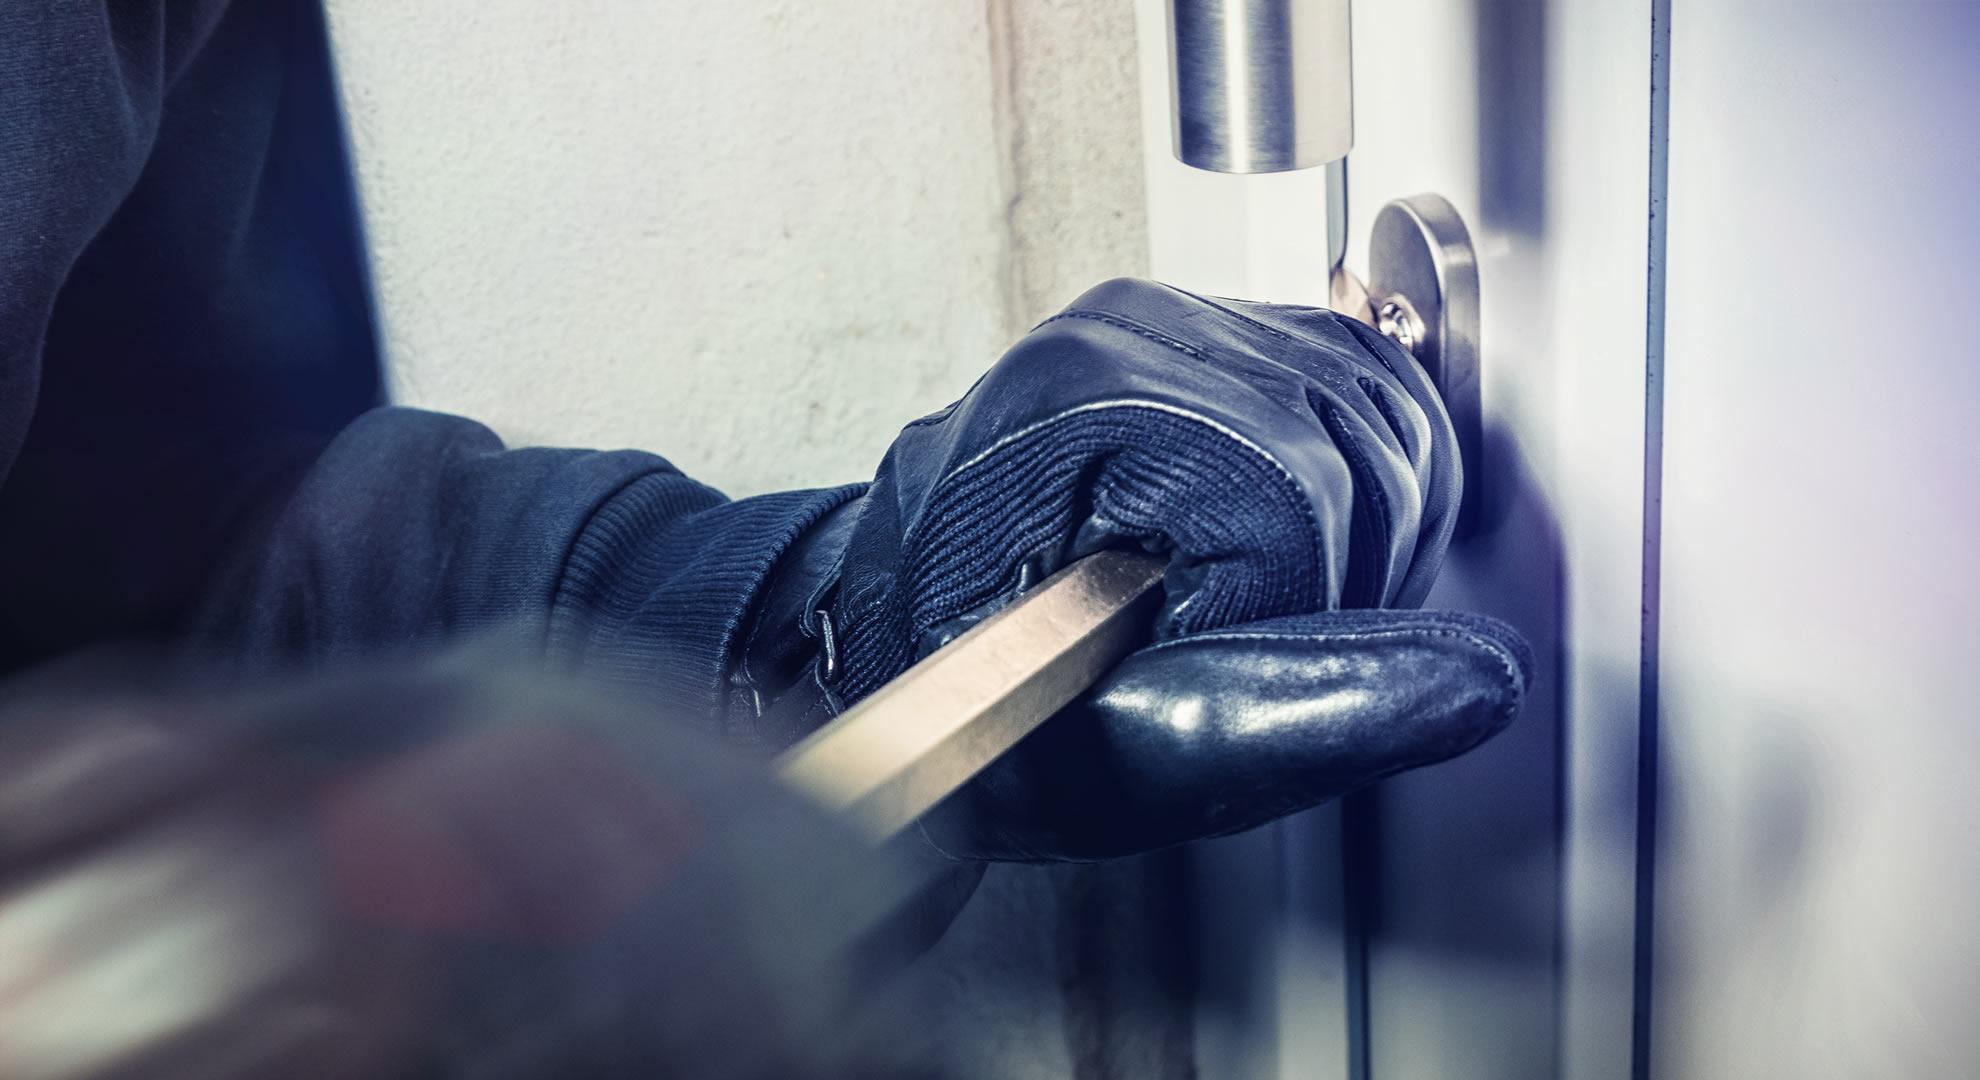 Full Size of Sicherheitsbeschläge Fenster Nachrüsten Rostock Kunststoff Rehau Sicherheitsfolie Alte Kaufen Braun Fototapete Sichern Gegen Einbruch Polnische Fenster Sicherheitsbeschläge Fenster Nachrüsten